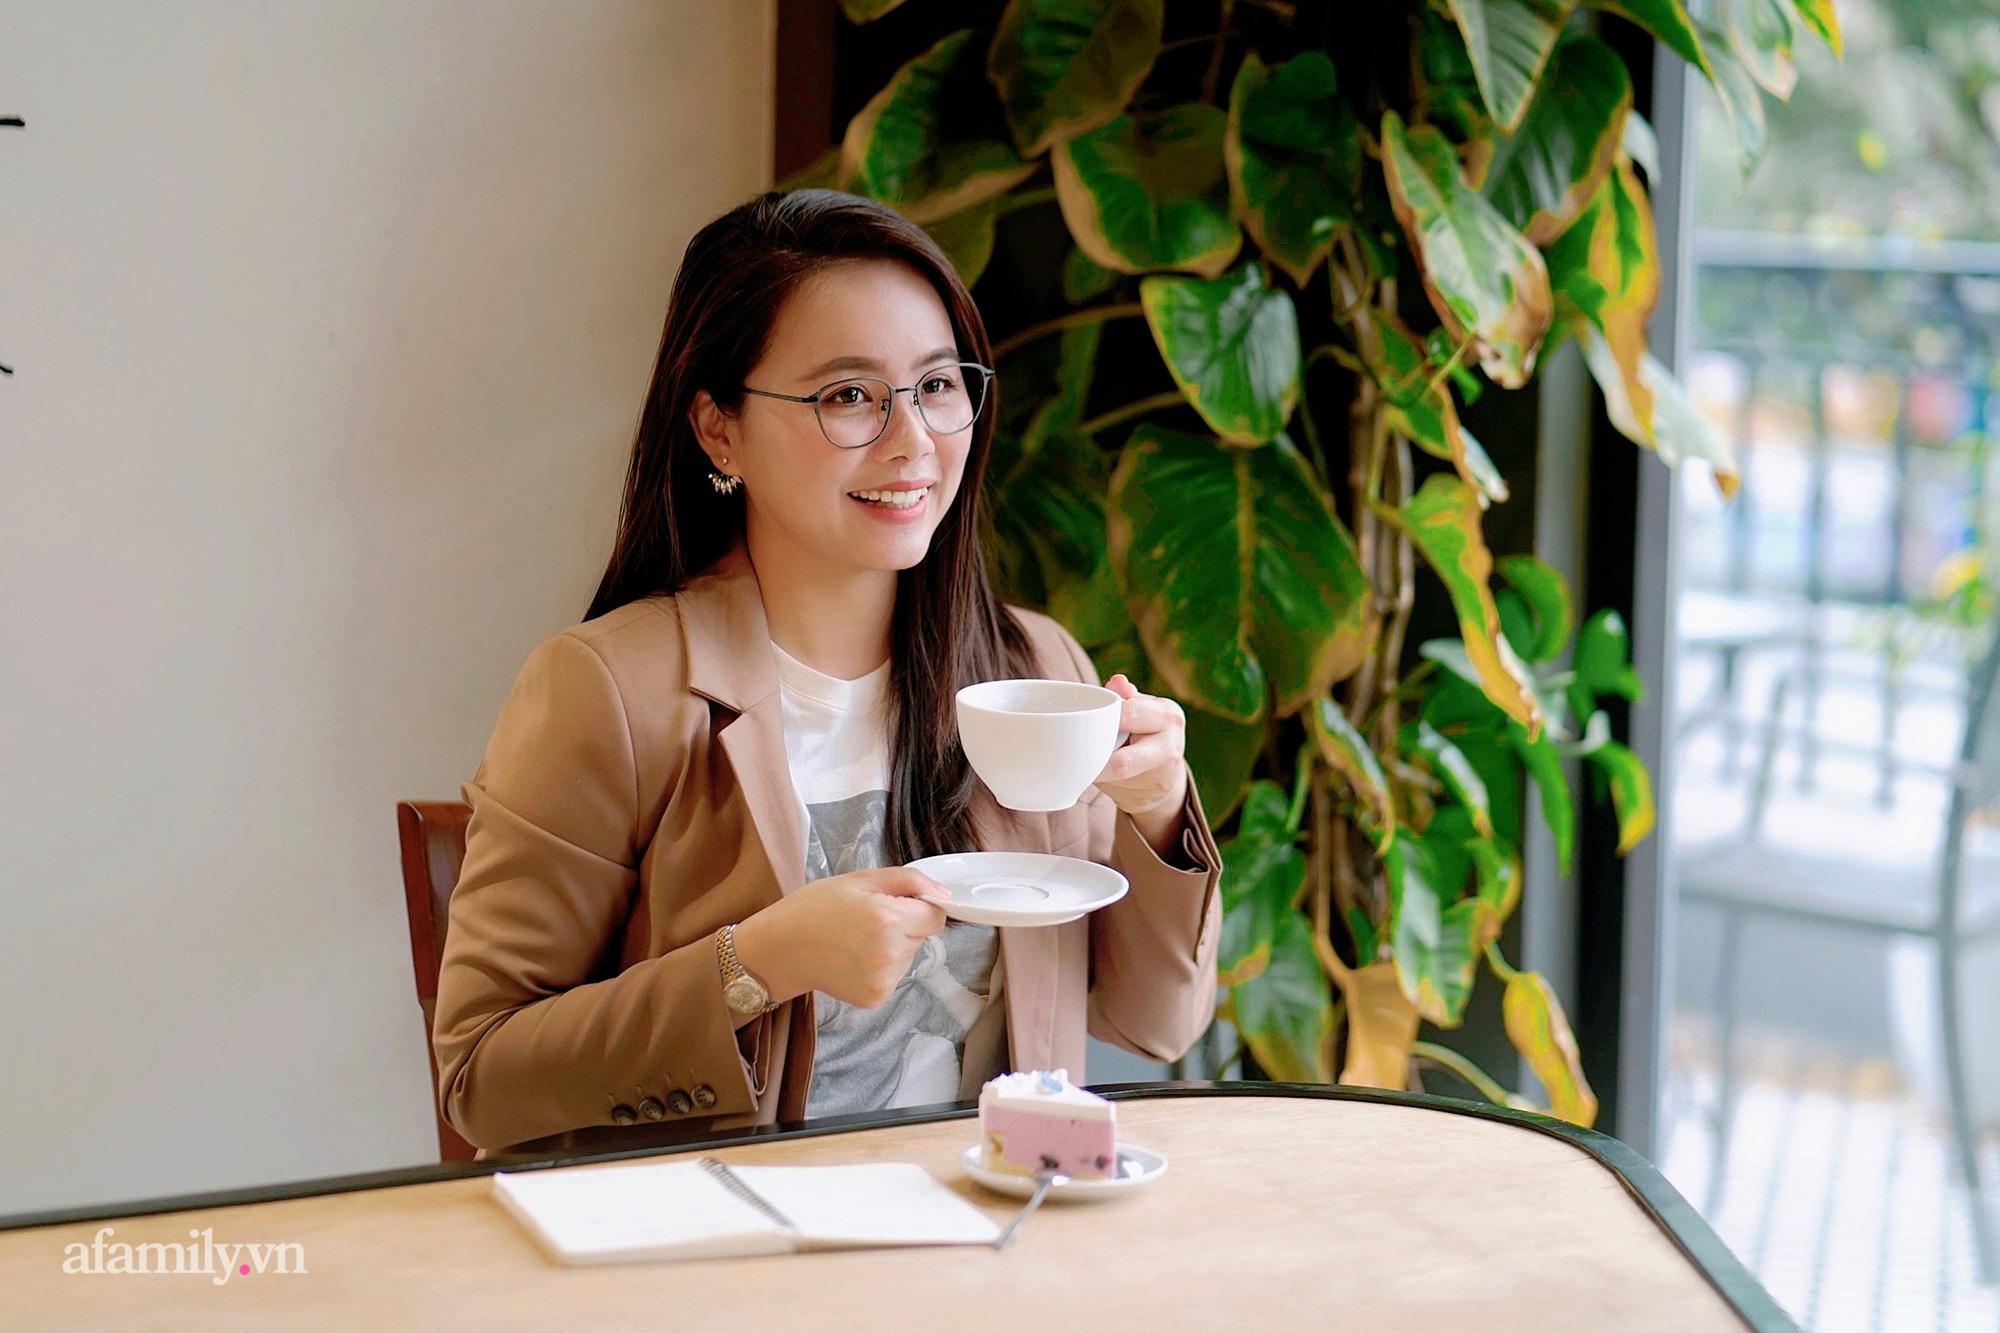 """Ms Hoa TOEIC - cựu sinh viên Ngoại thương trở thành Chủ tịch hệ thống Anh ngữ lần đầu chia sẻ ý nghĩa thực sự của cái tên """"nhìn vậy mà không phải vậy"""" cùng bí mật cuộc sống phía sau sự nổi tiếng  - Ảnh 3."""